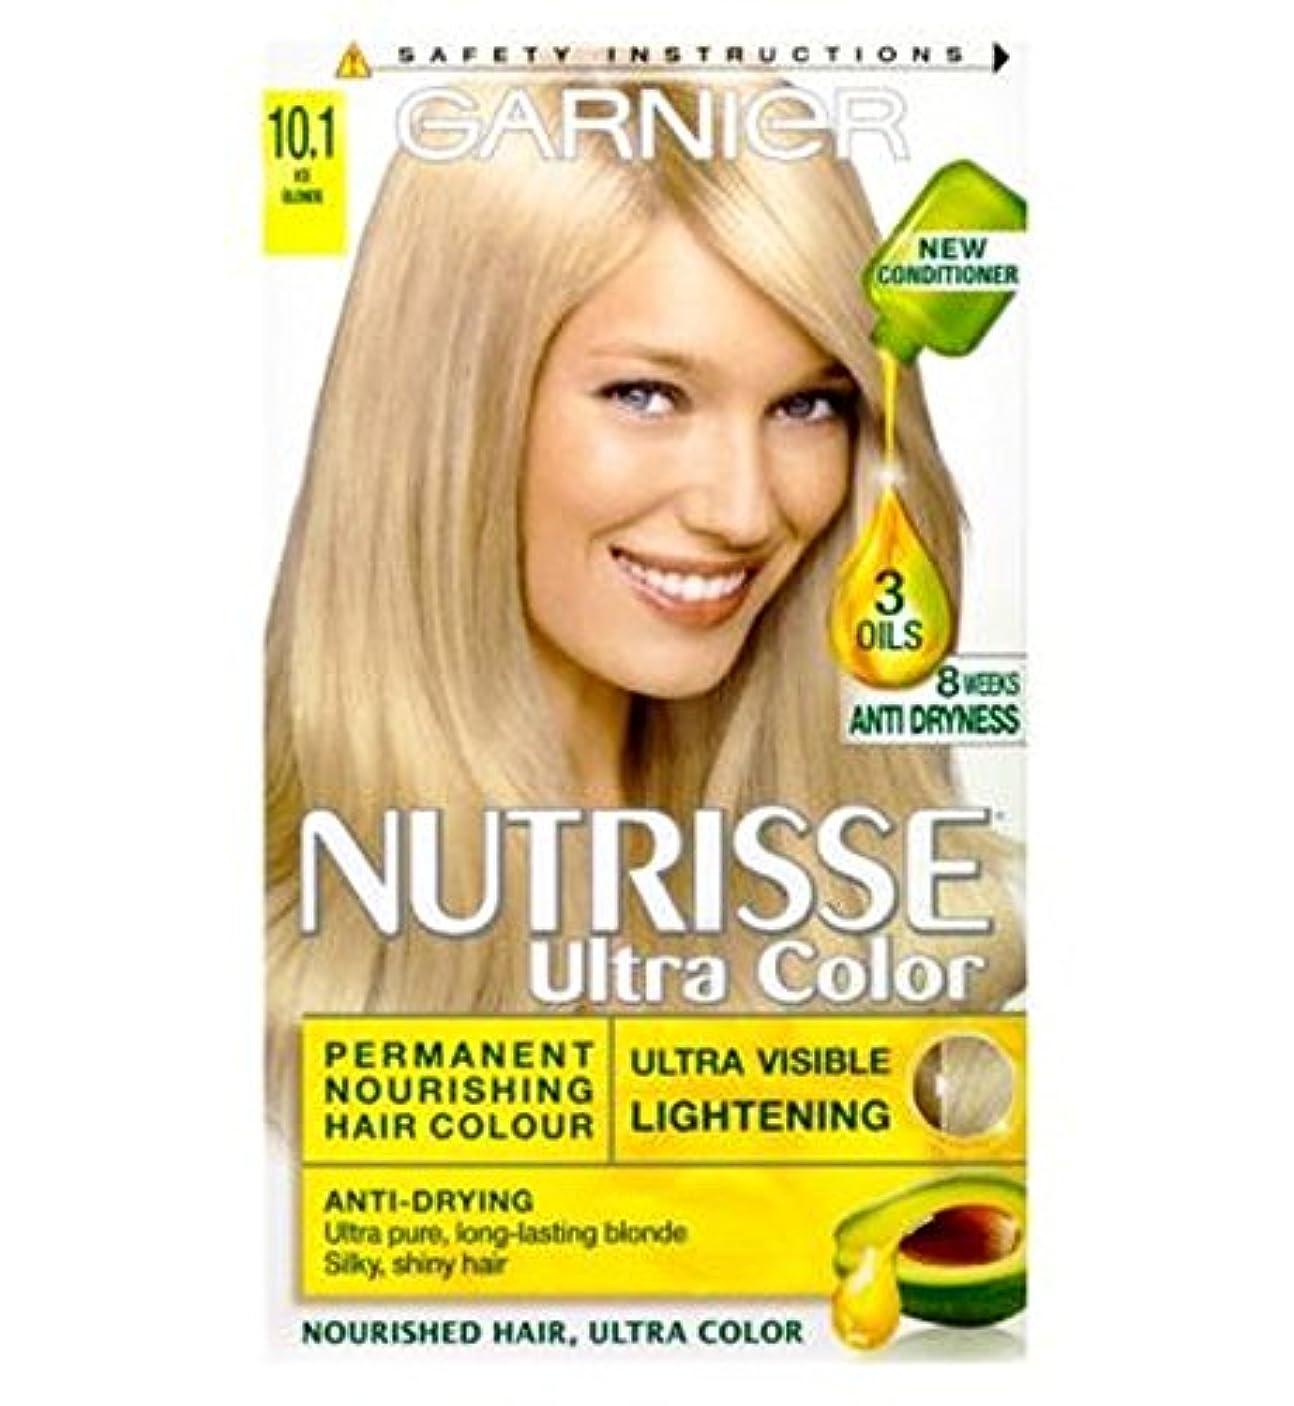 灰混沌聡明Garnier Nutrisse Ultra Permanent Colour 10.1 Ice Blonde - ガルニエNutrisse超永久色10.1氷のブロンド (Garnier) [並行輸入品]